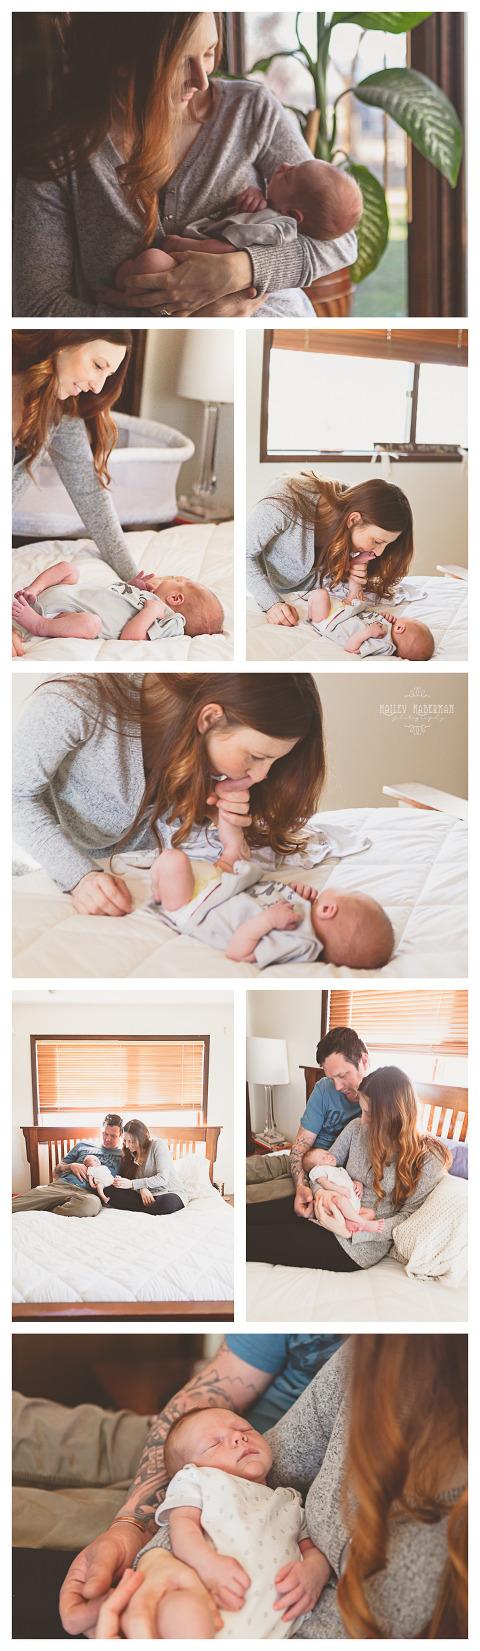 Lifestyle Newborn Baby Wyatt by Hailey Haberman in Ellensburg WA